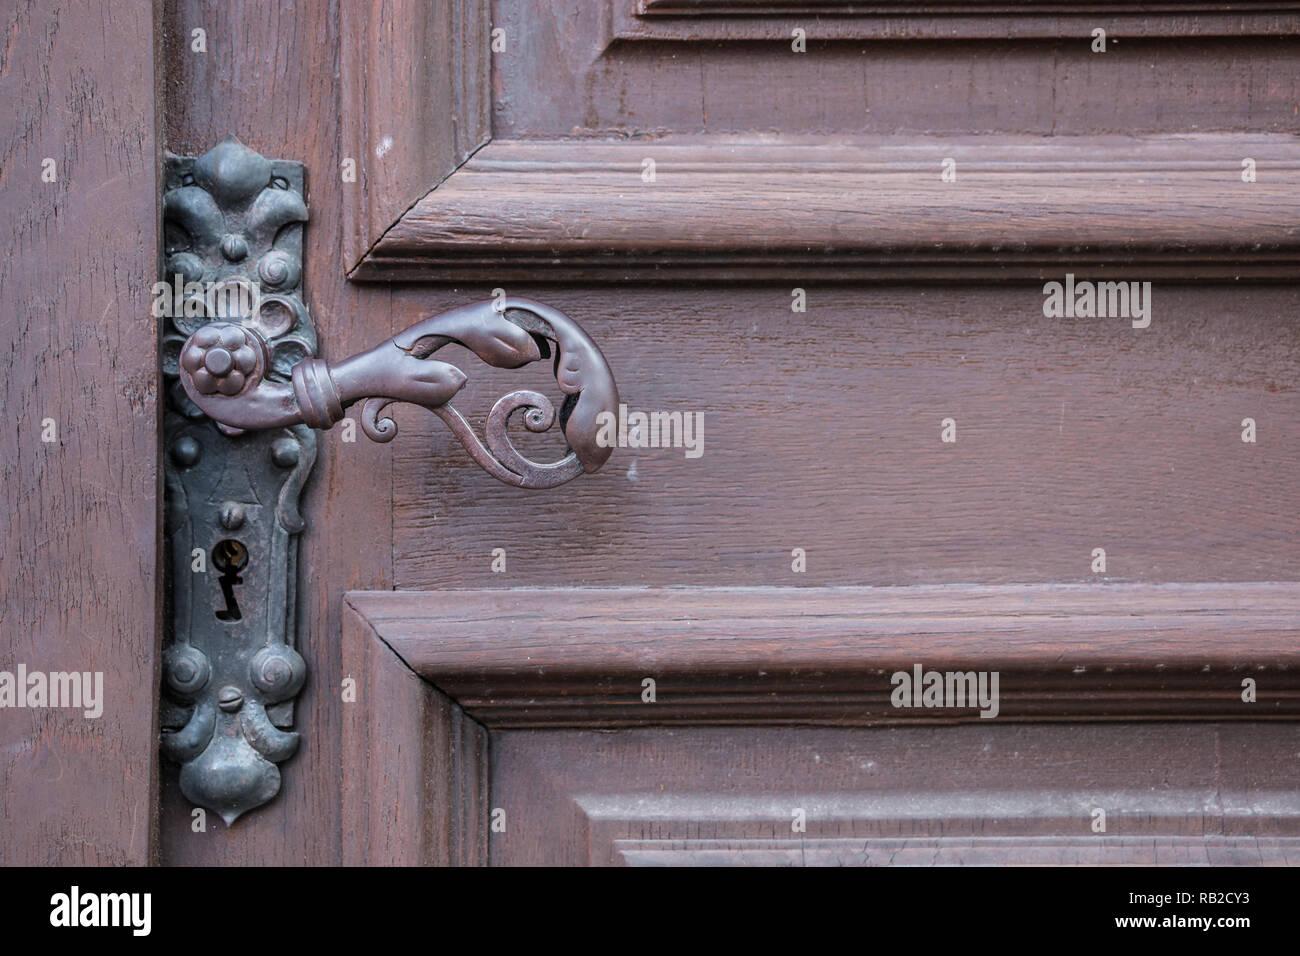 Iron door handle of an old door of a historical building - Stock Image